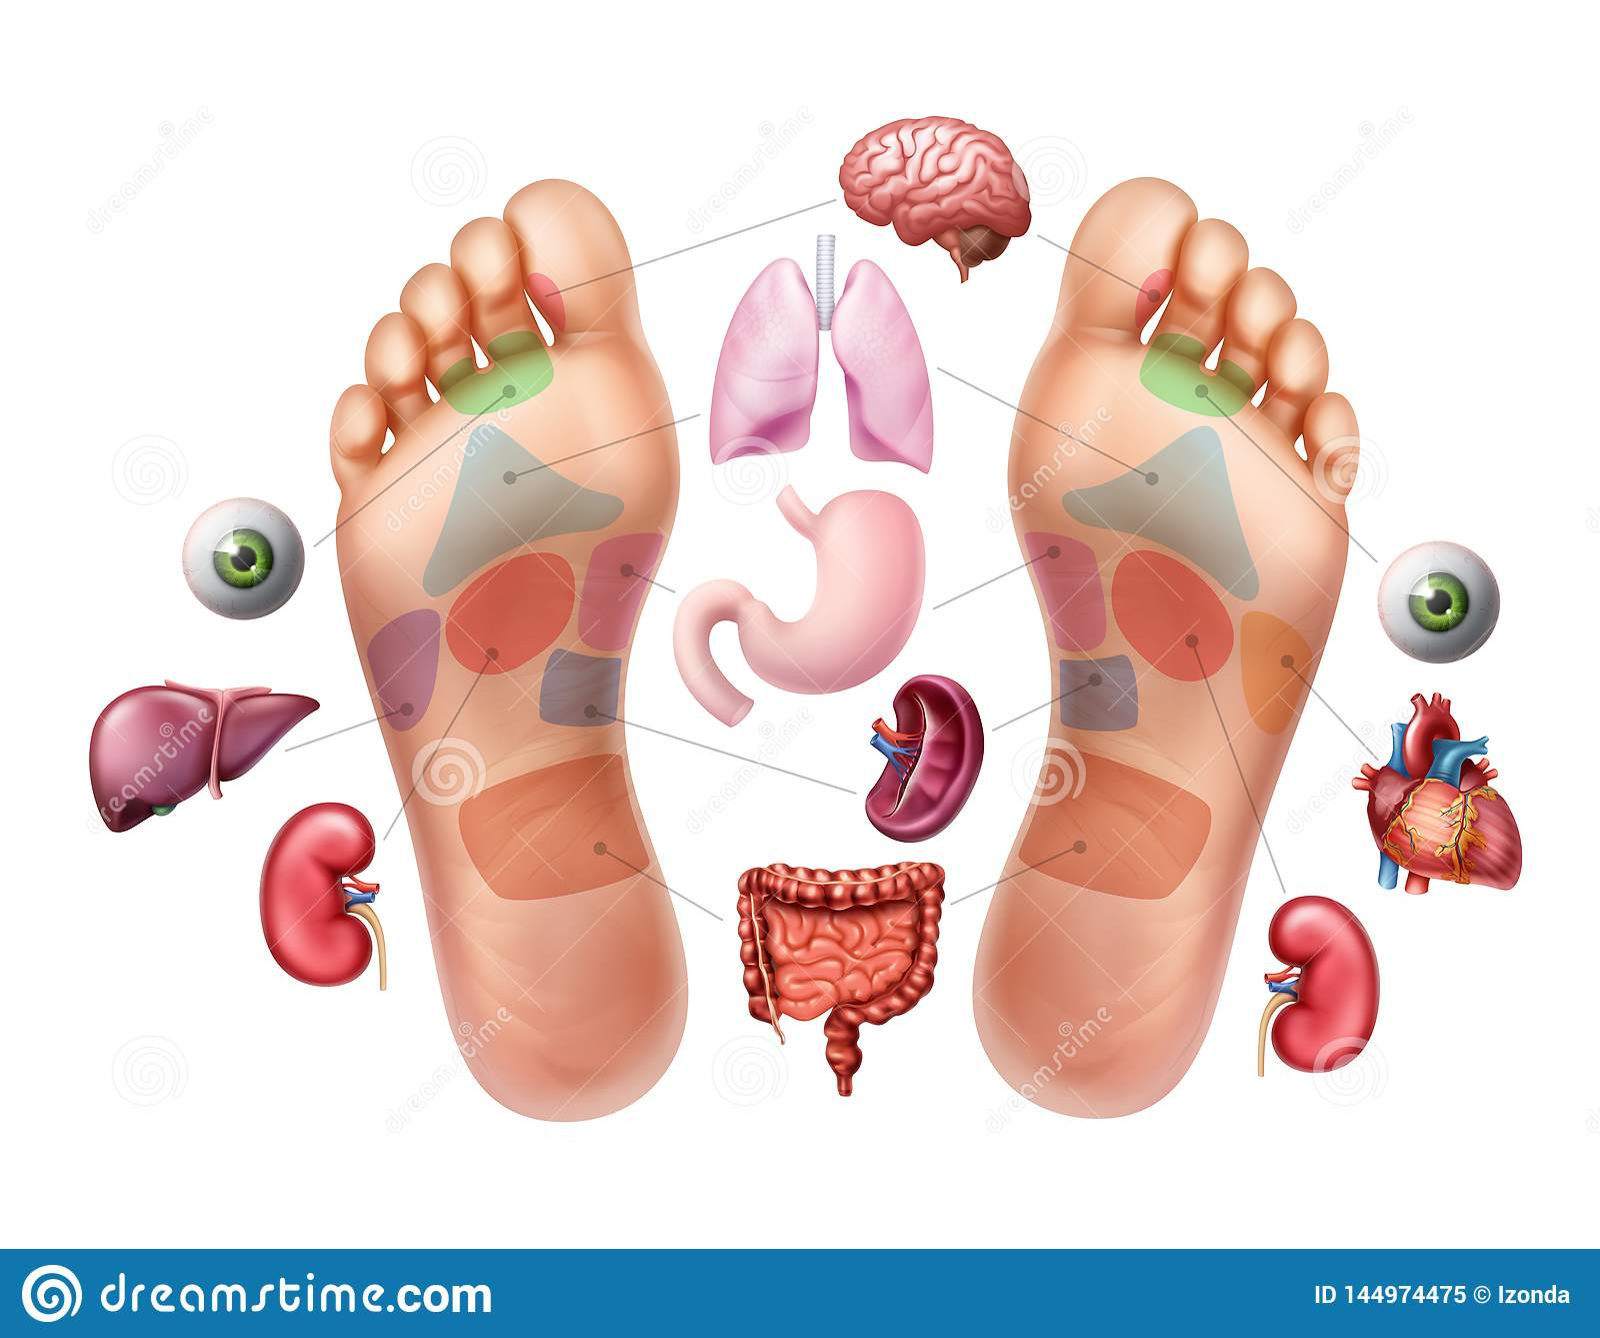 Διανυσματική απεικόνιση των πελμάτων των ποδιών με χαρακτηρισμένος α